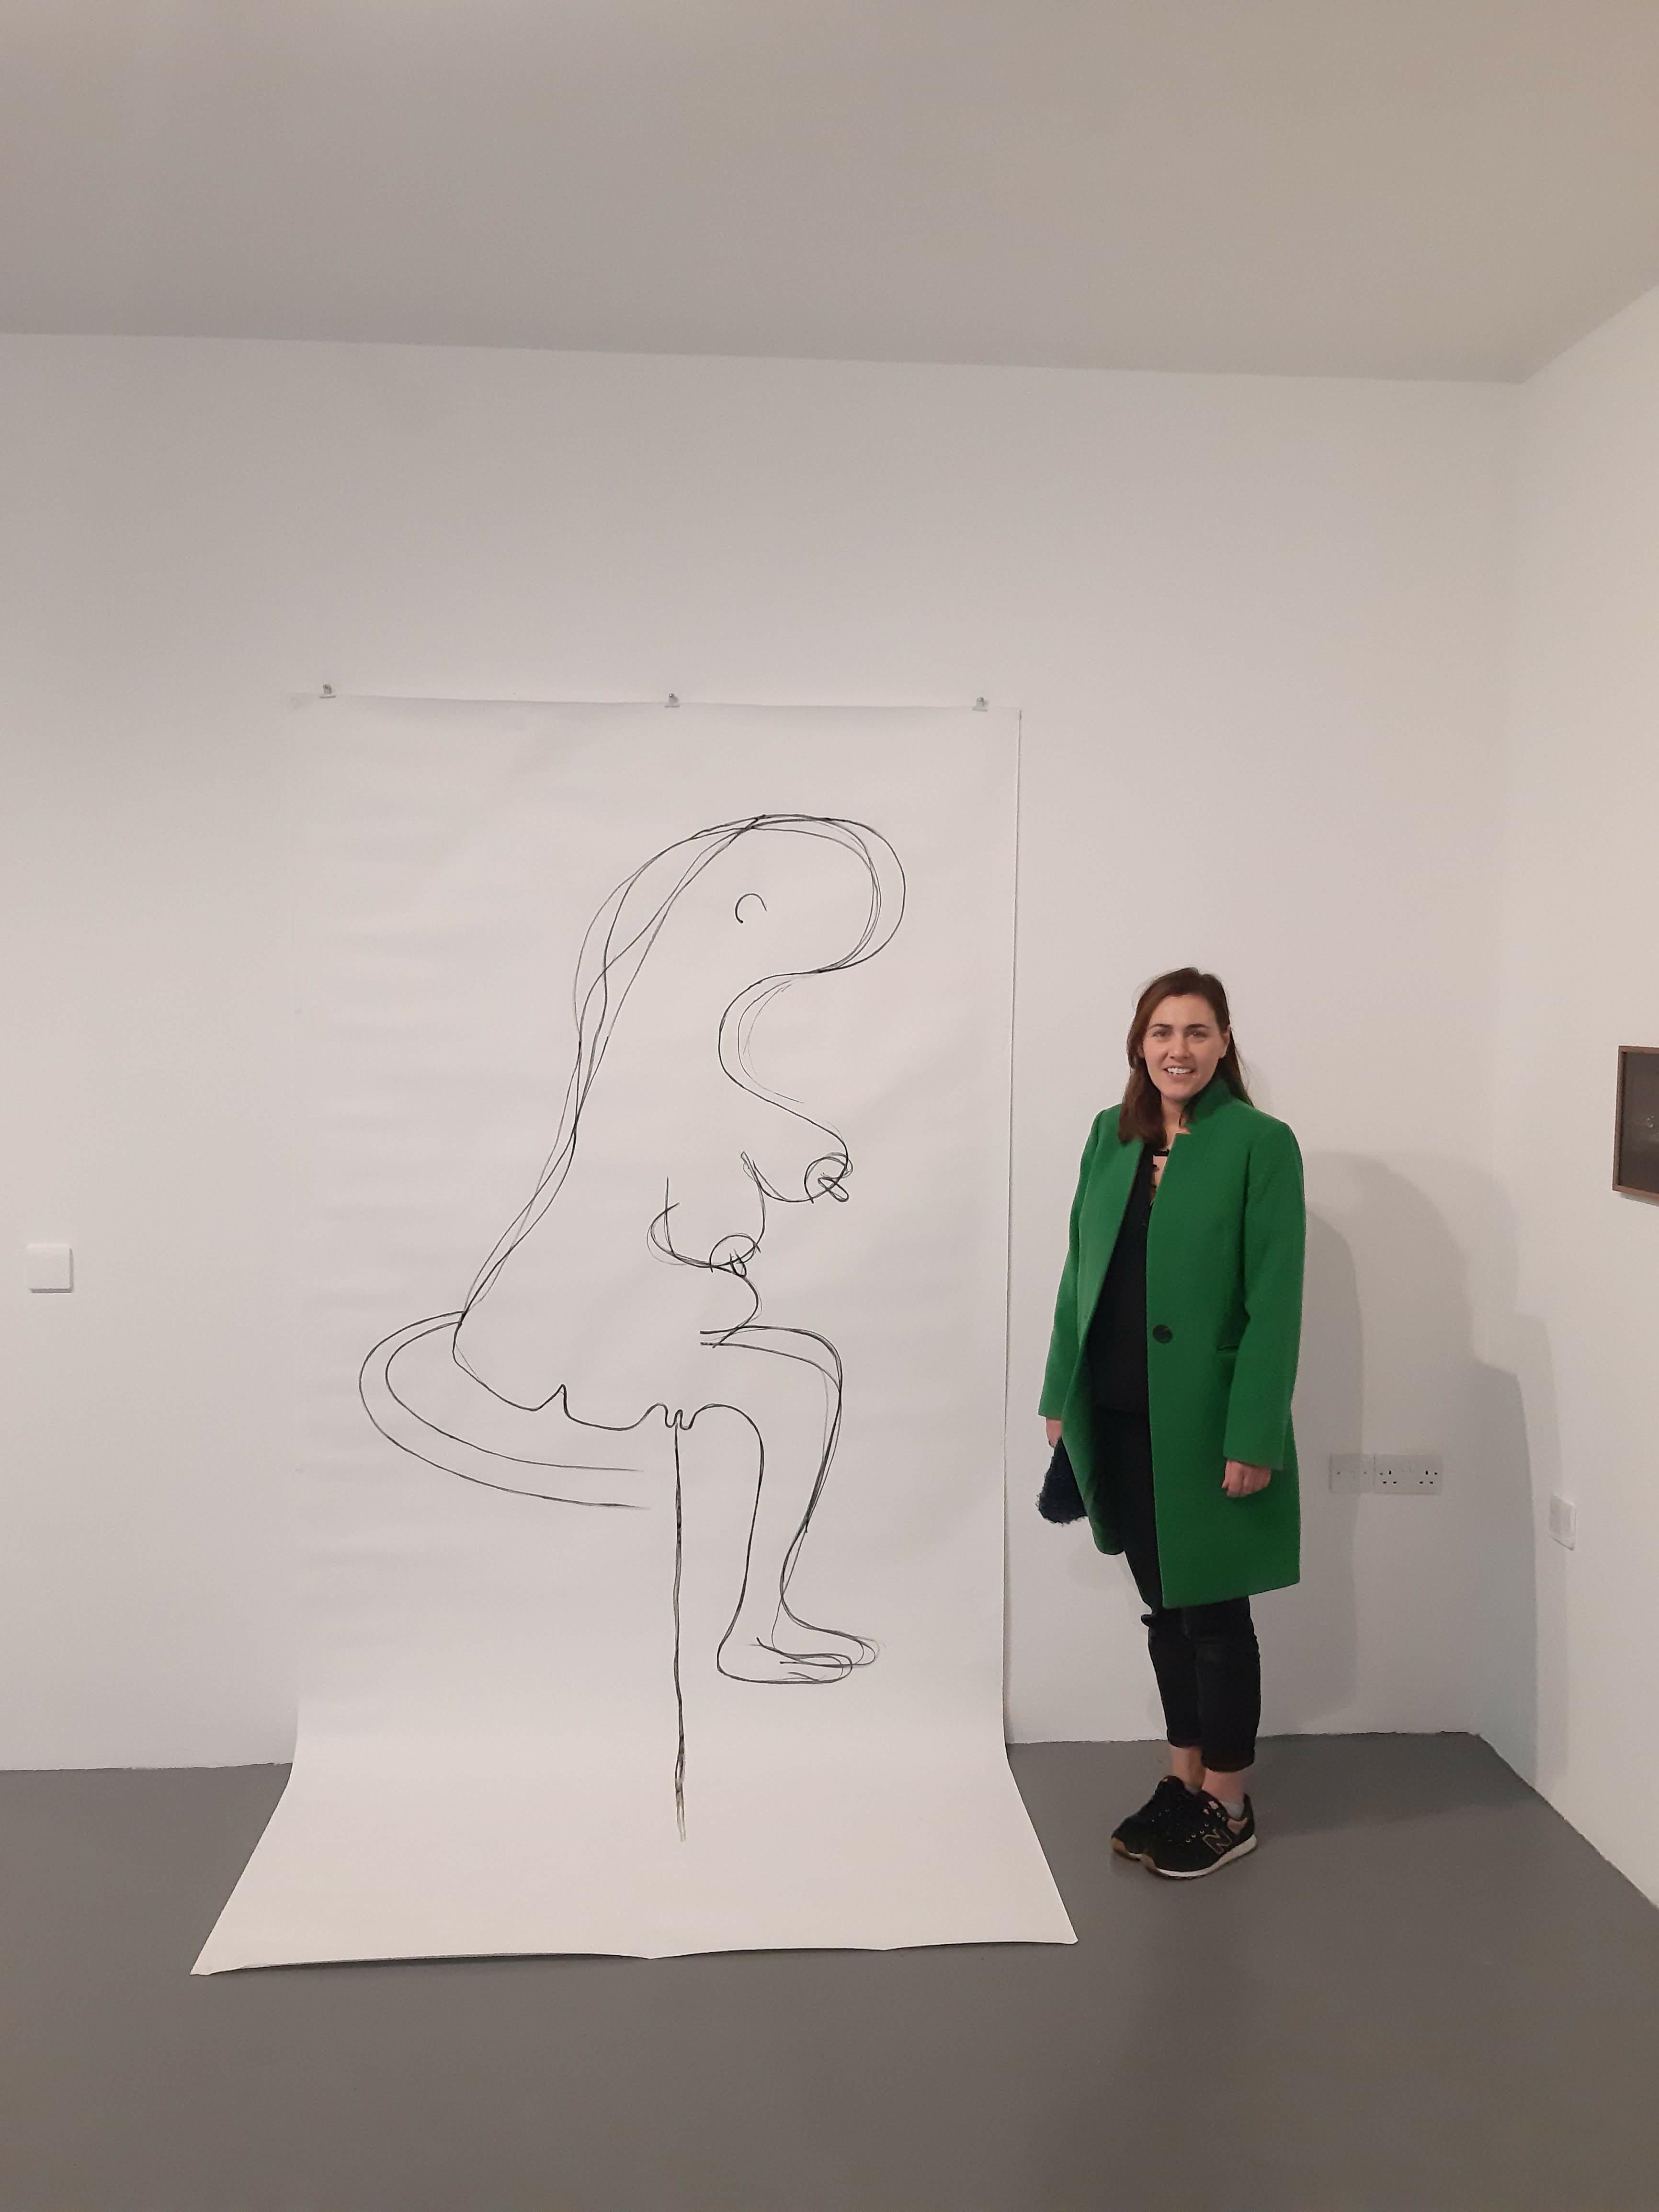 Celine Sheridan by Emma Roche